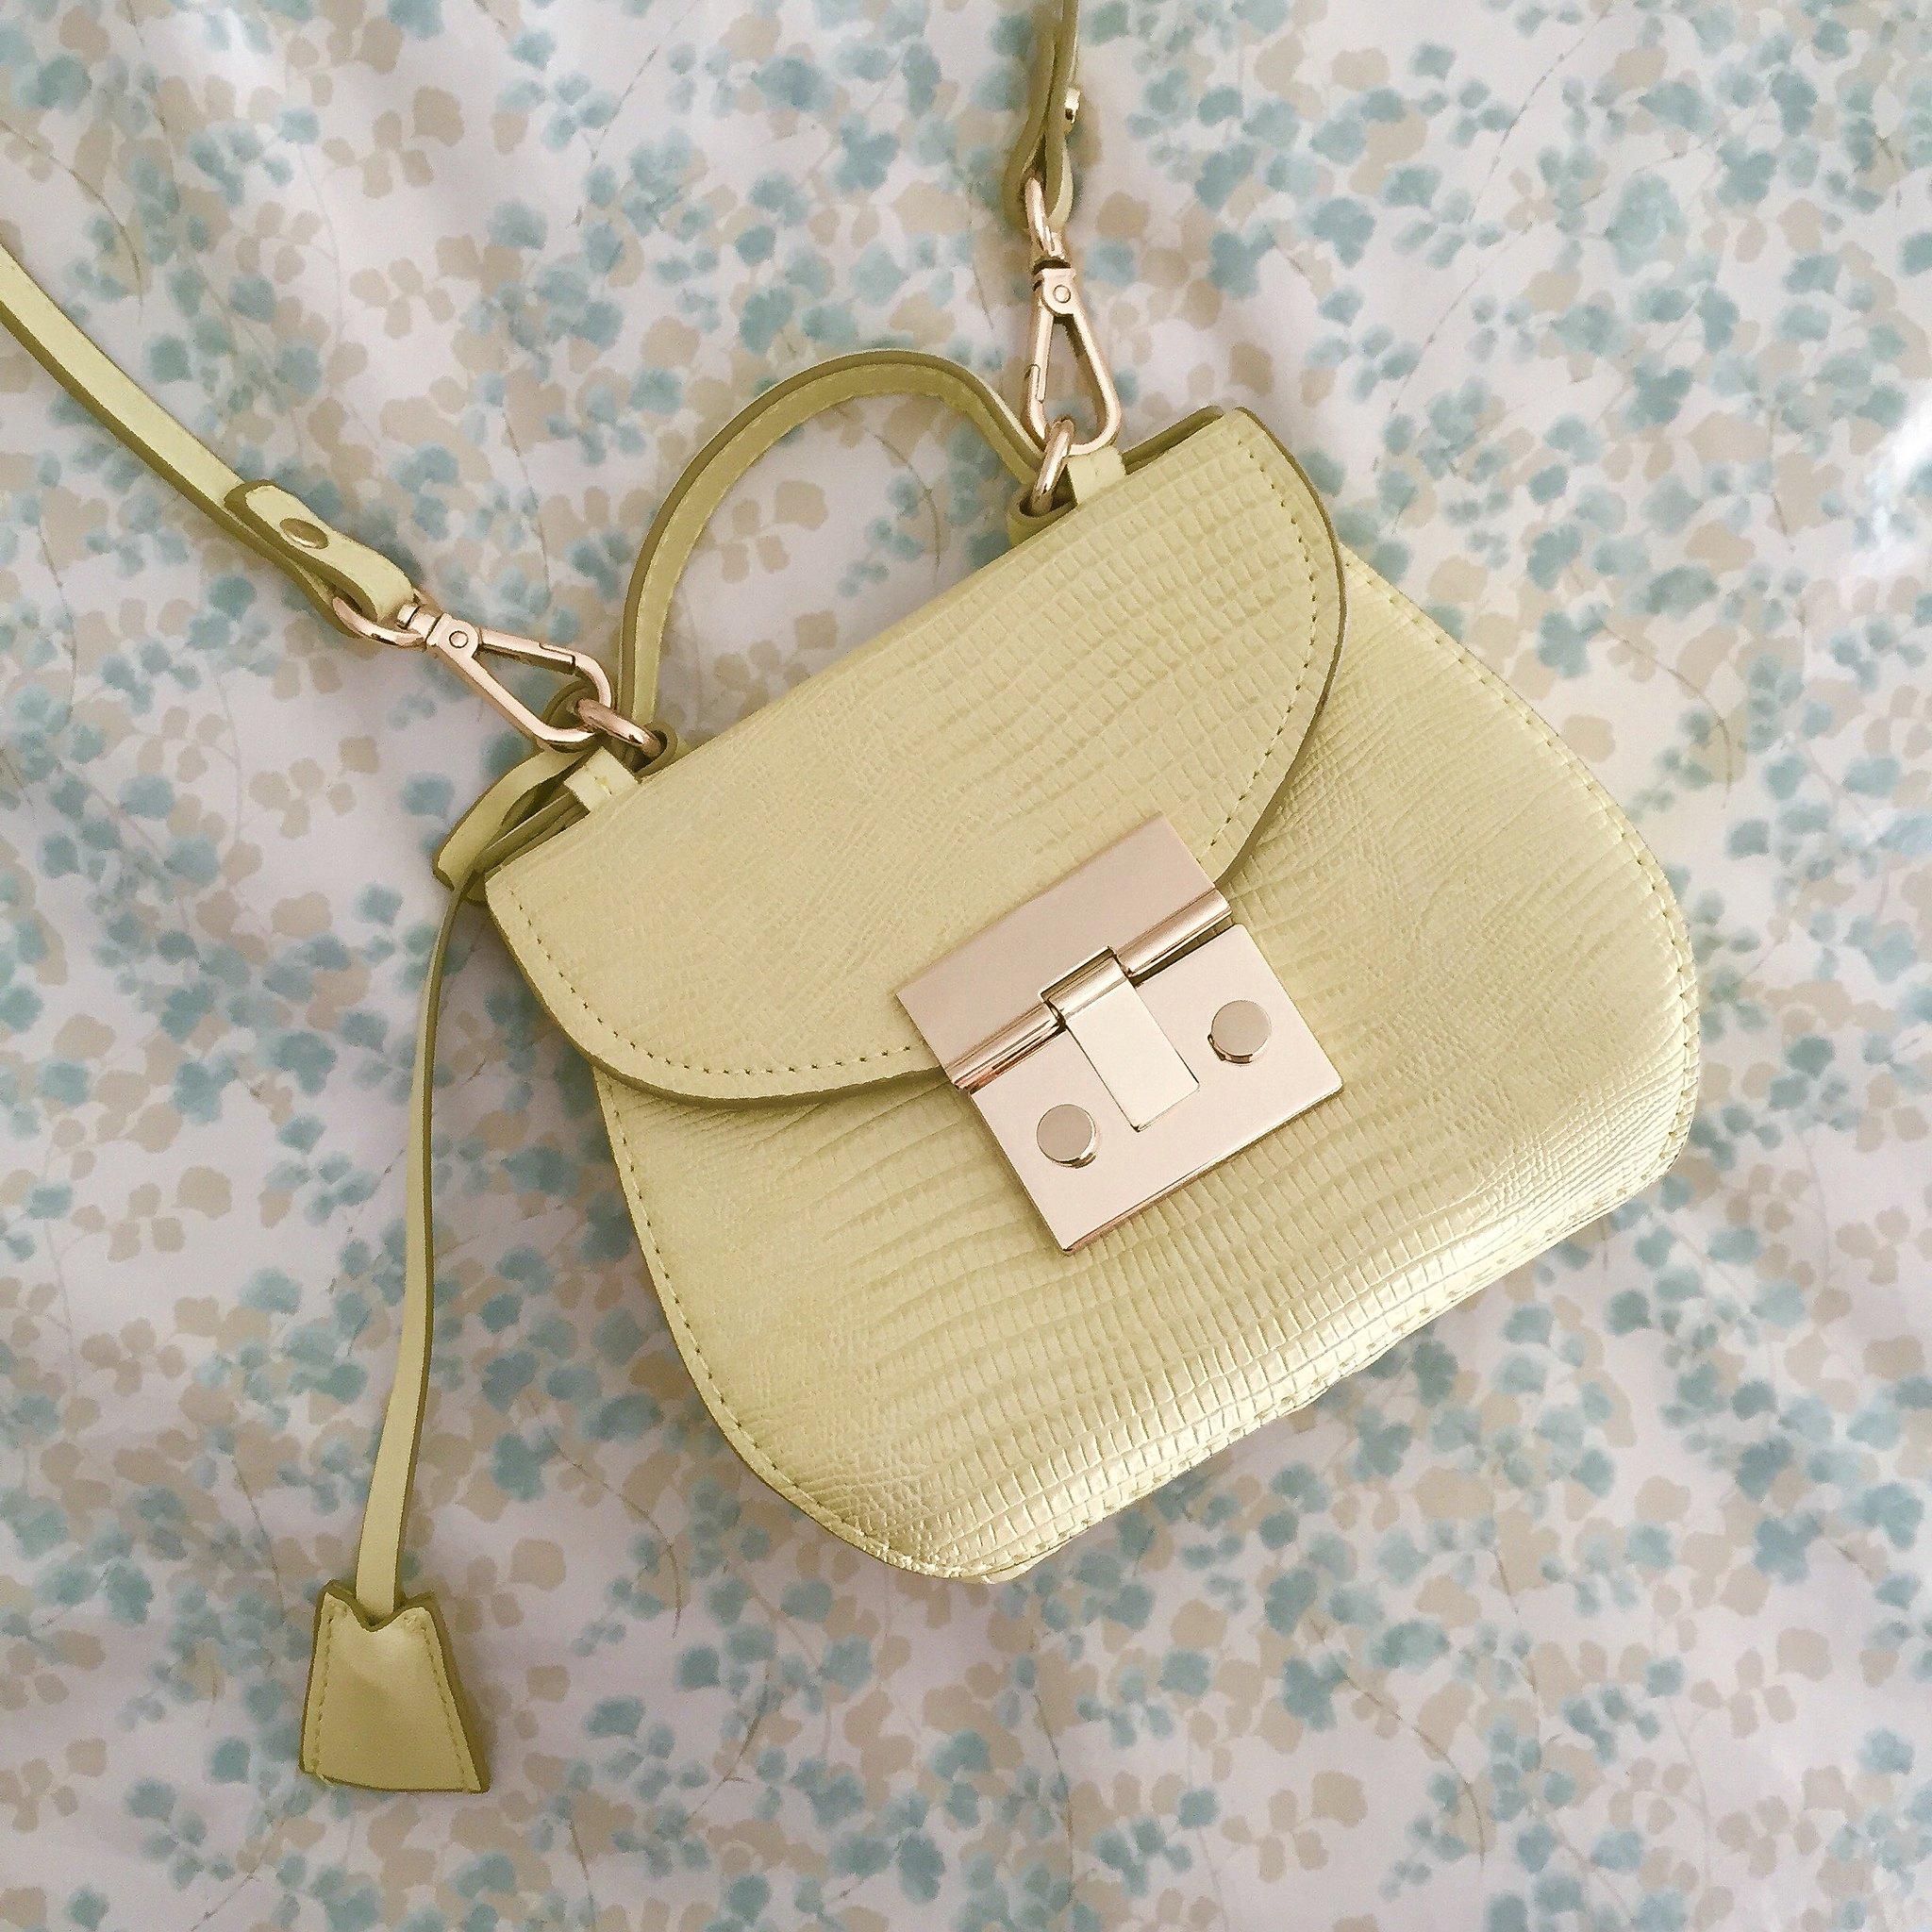 Zara Mini City Bag in Lime Green (item no. 4498/0004)